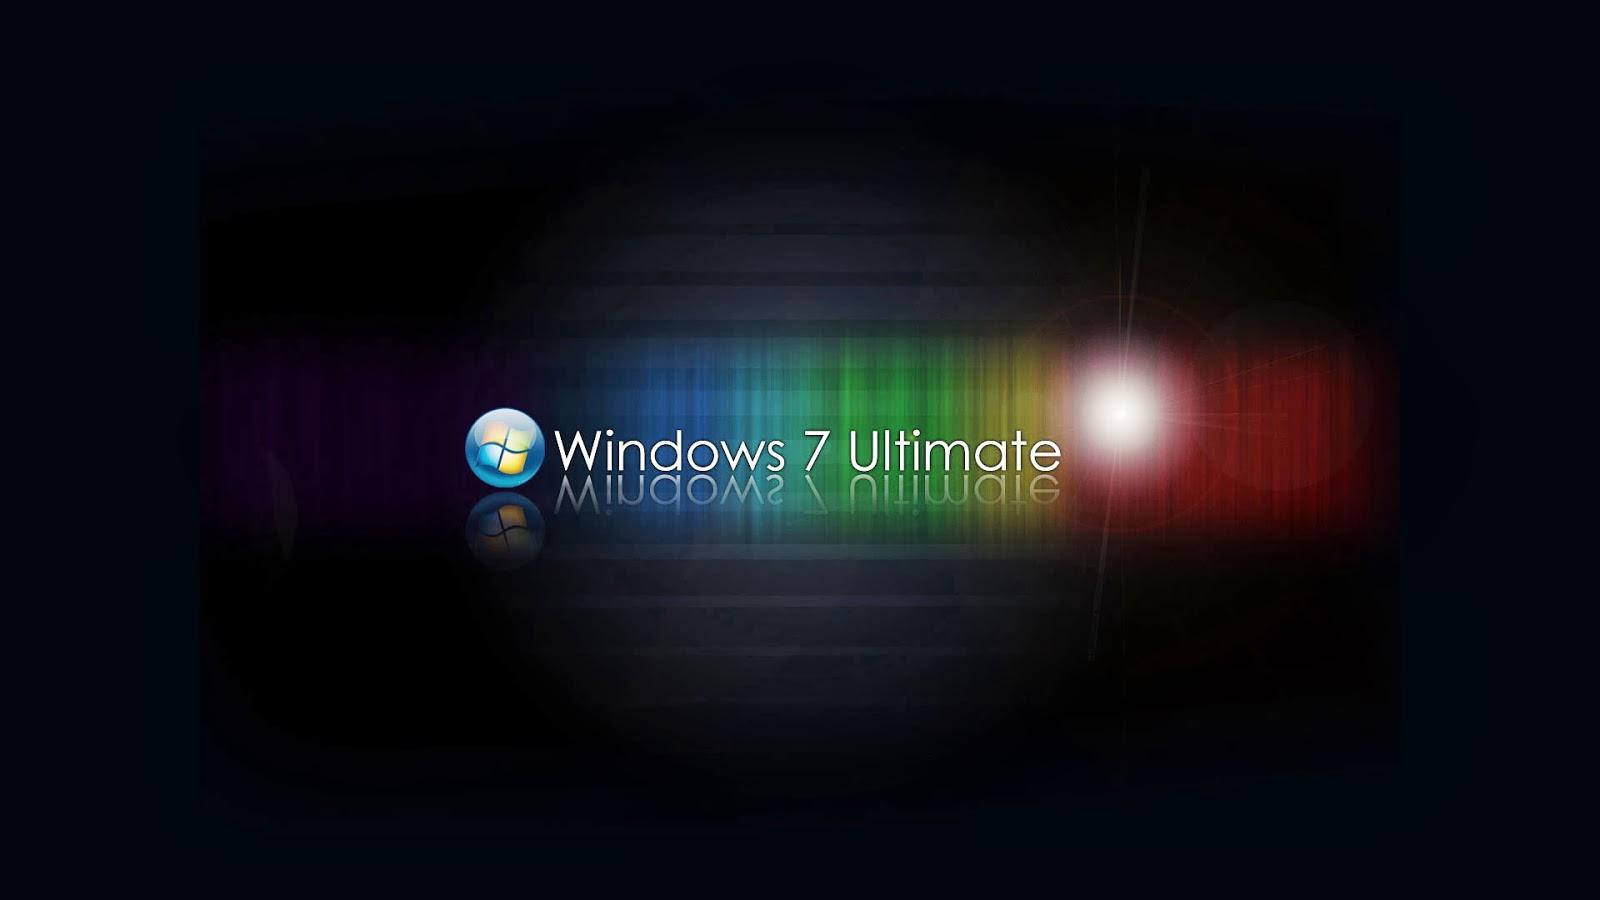 Windows 7 Wallpaper 1920x1080 1600x900